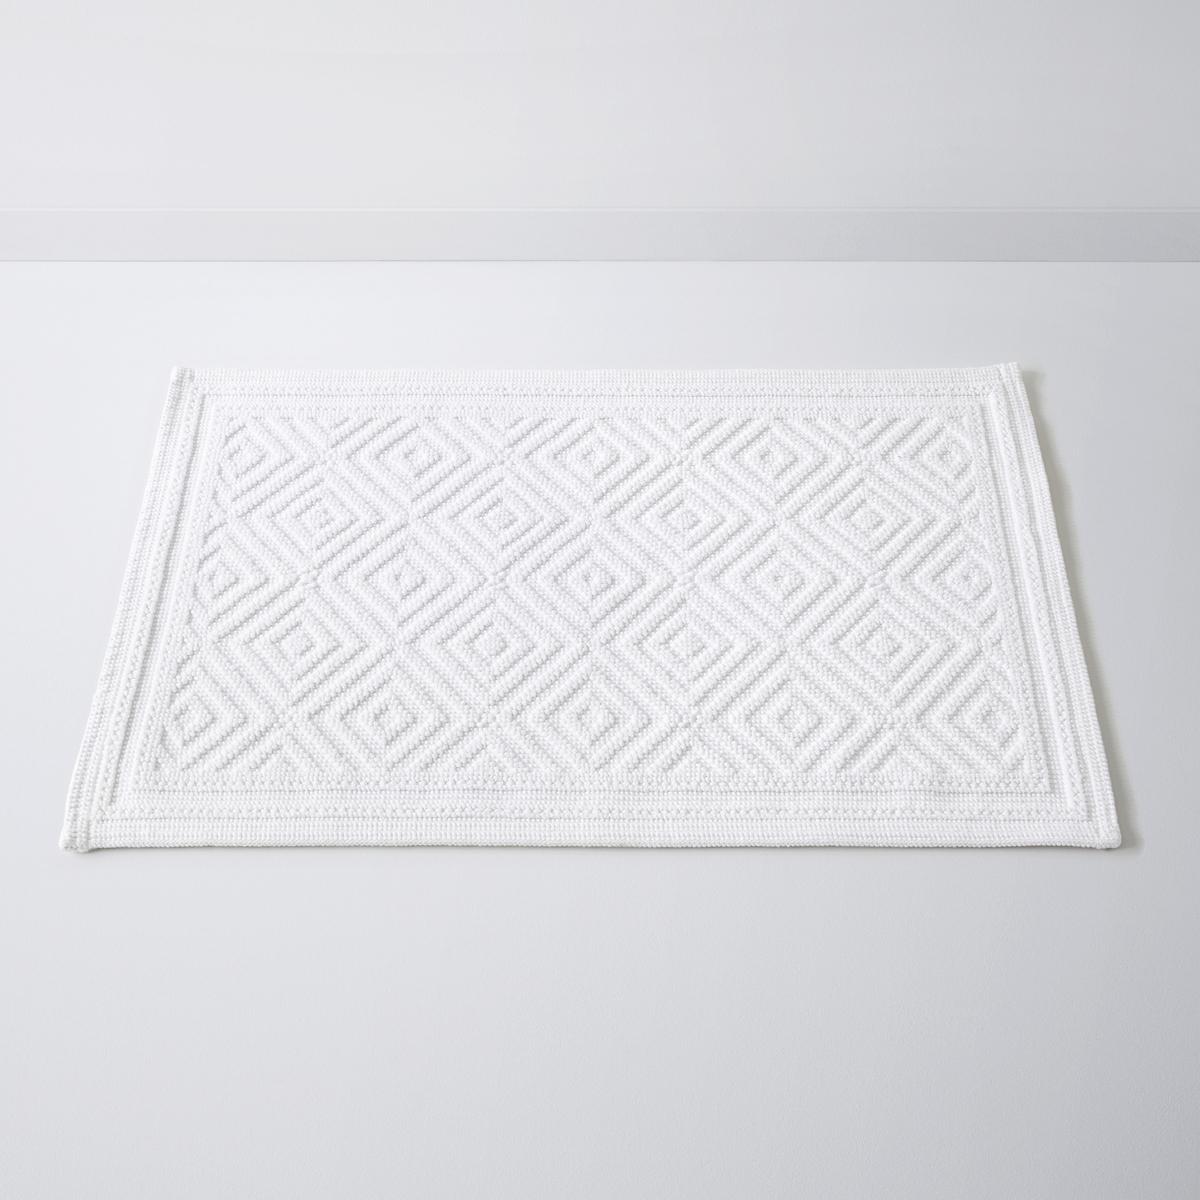 Коврик для ванной с рельефным рисункомCAIRO, 100% хлопок (1500 г/м?)Коврик для ванной CAIRO, качество Best, с рельефным рисунком,100% хлопок. Рельефный рисунок - одновременно графичный и изысканный - украшает этот коврик для ванной CAIRO, качество Best. Характеристики:Материал: 100% хлопок (1500 г/м?).Противоскользящее покрытие с изнанки.Уход:Машинная стирка при 60°С.Размеры:50 x 70 см.<br><br>Цвет: белый,голубой бирюзовый,серый,синий сапфировый<br>Размер: 50 x 80  см